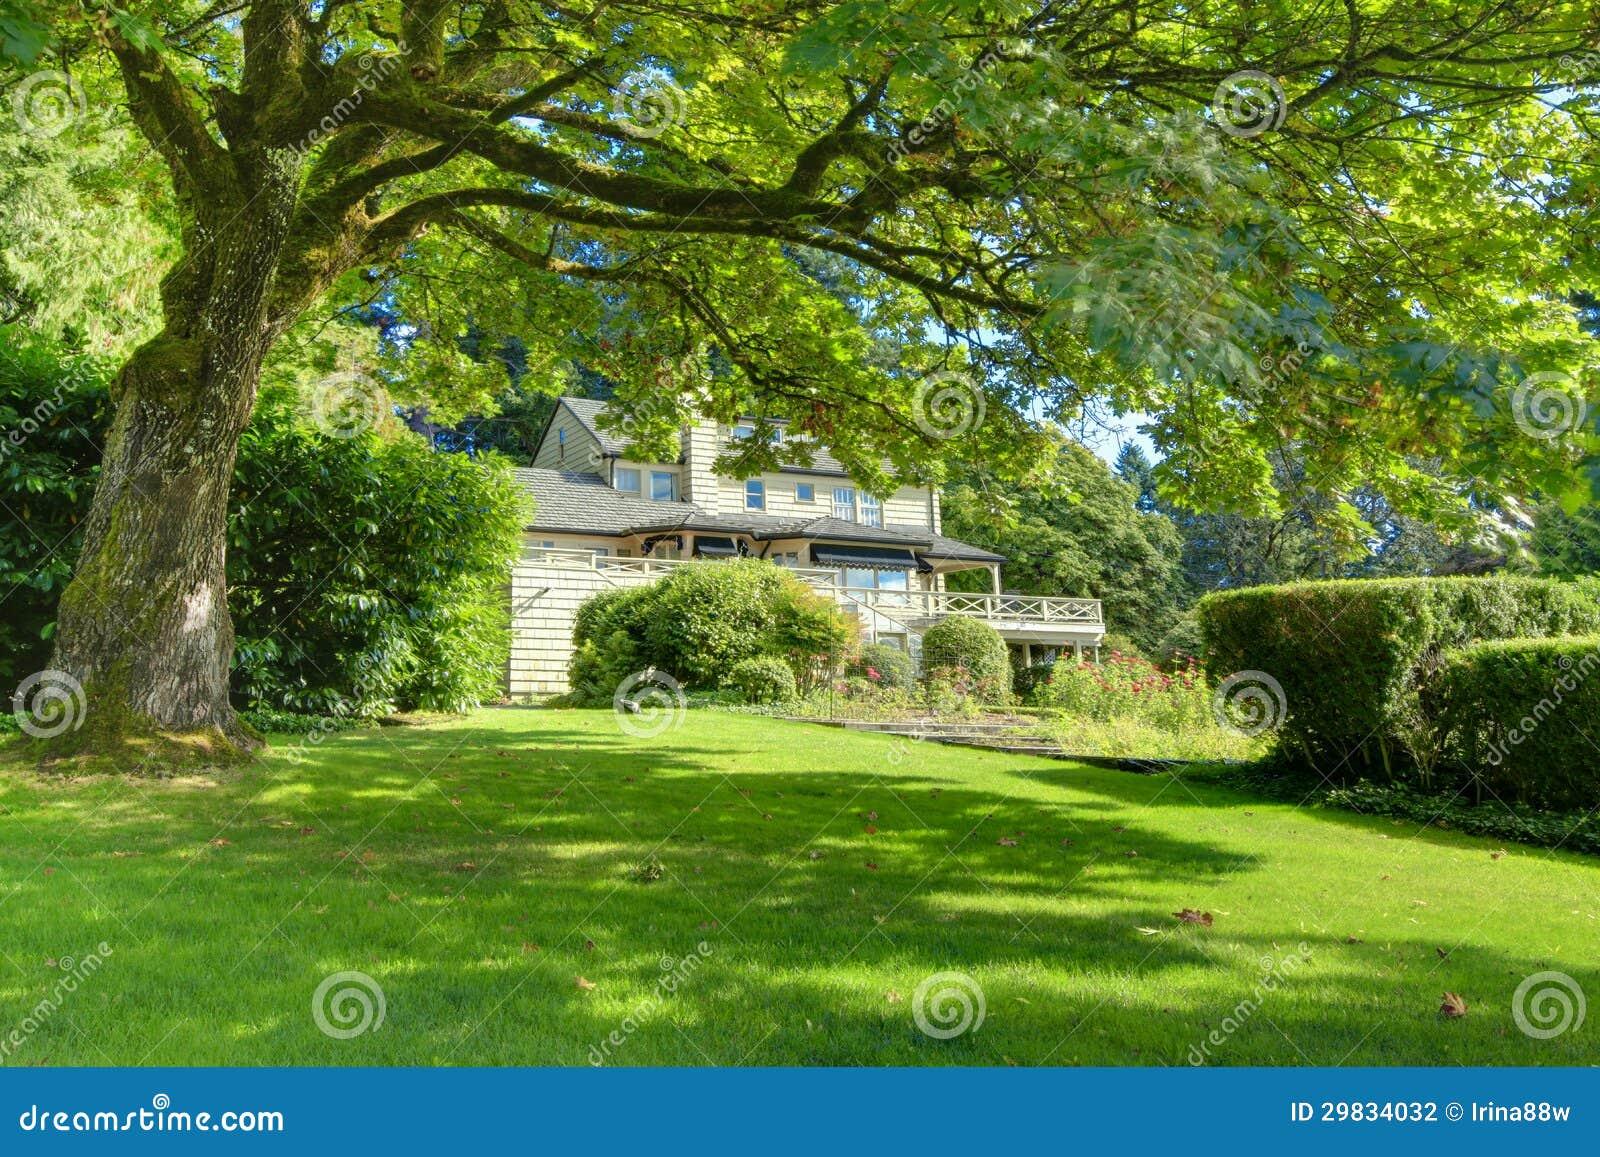 Casa marr n grande exterior con el jard n verde del verano for Casas en la jardin balbuena